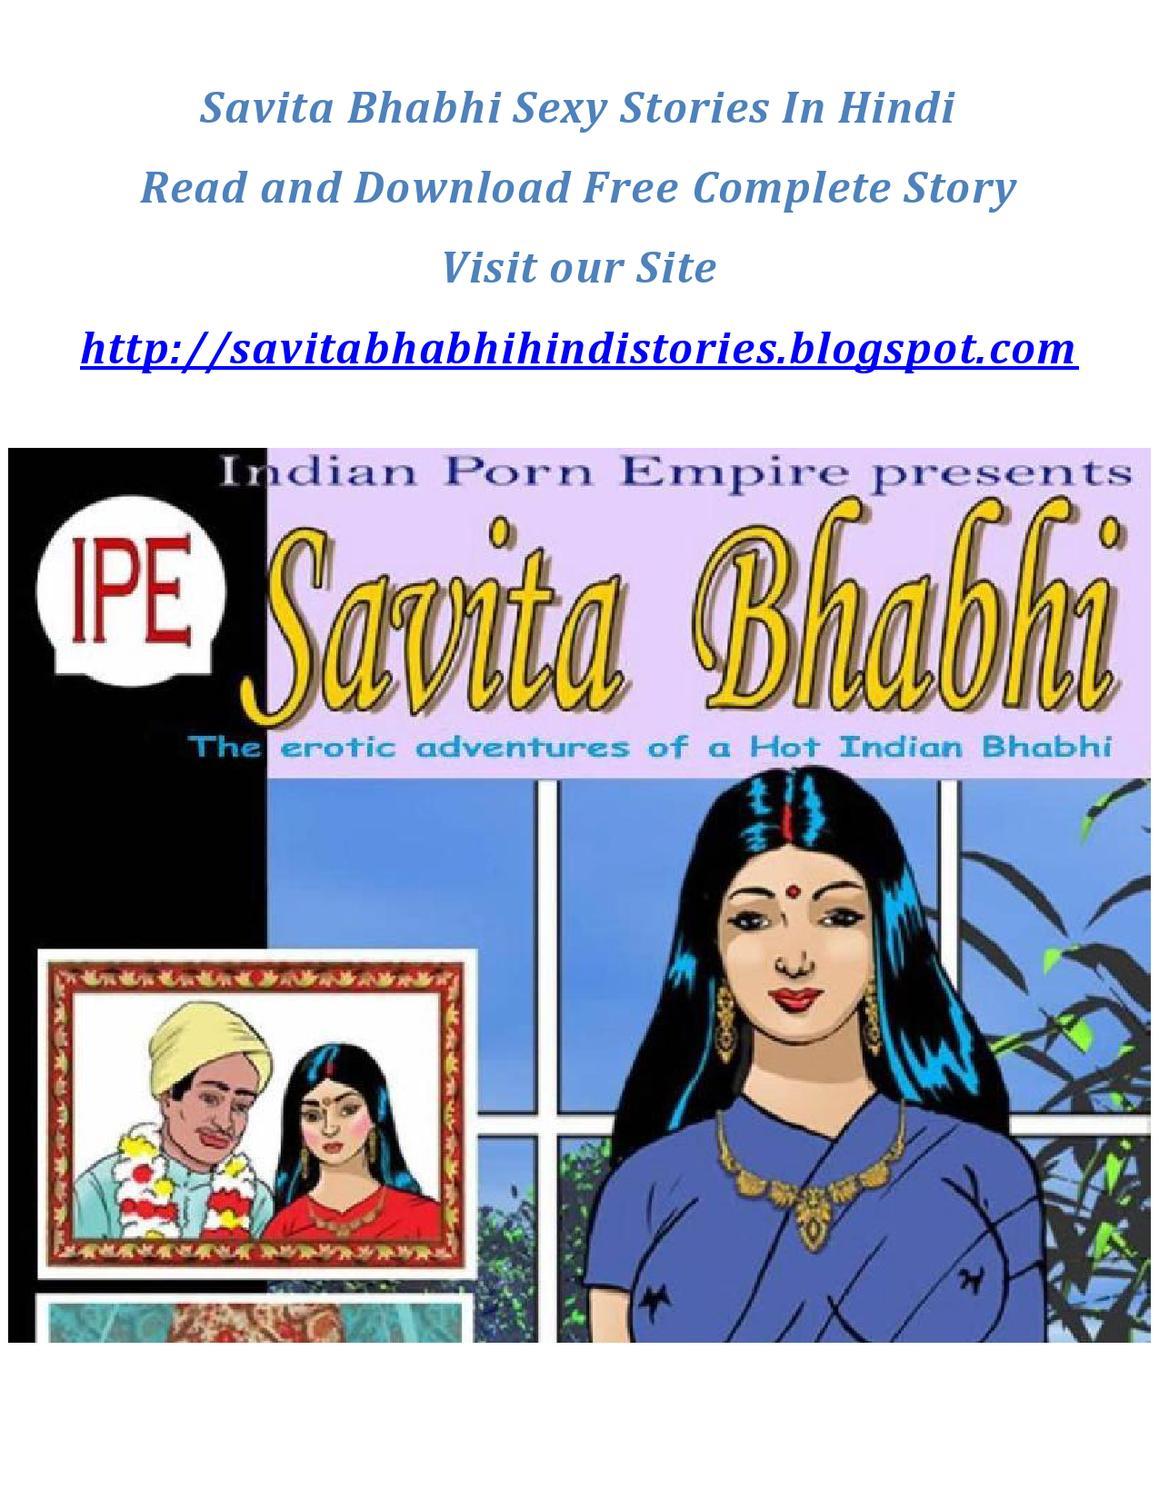 Savita bhabhi sexy story in hindi